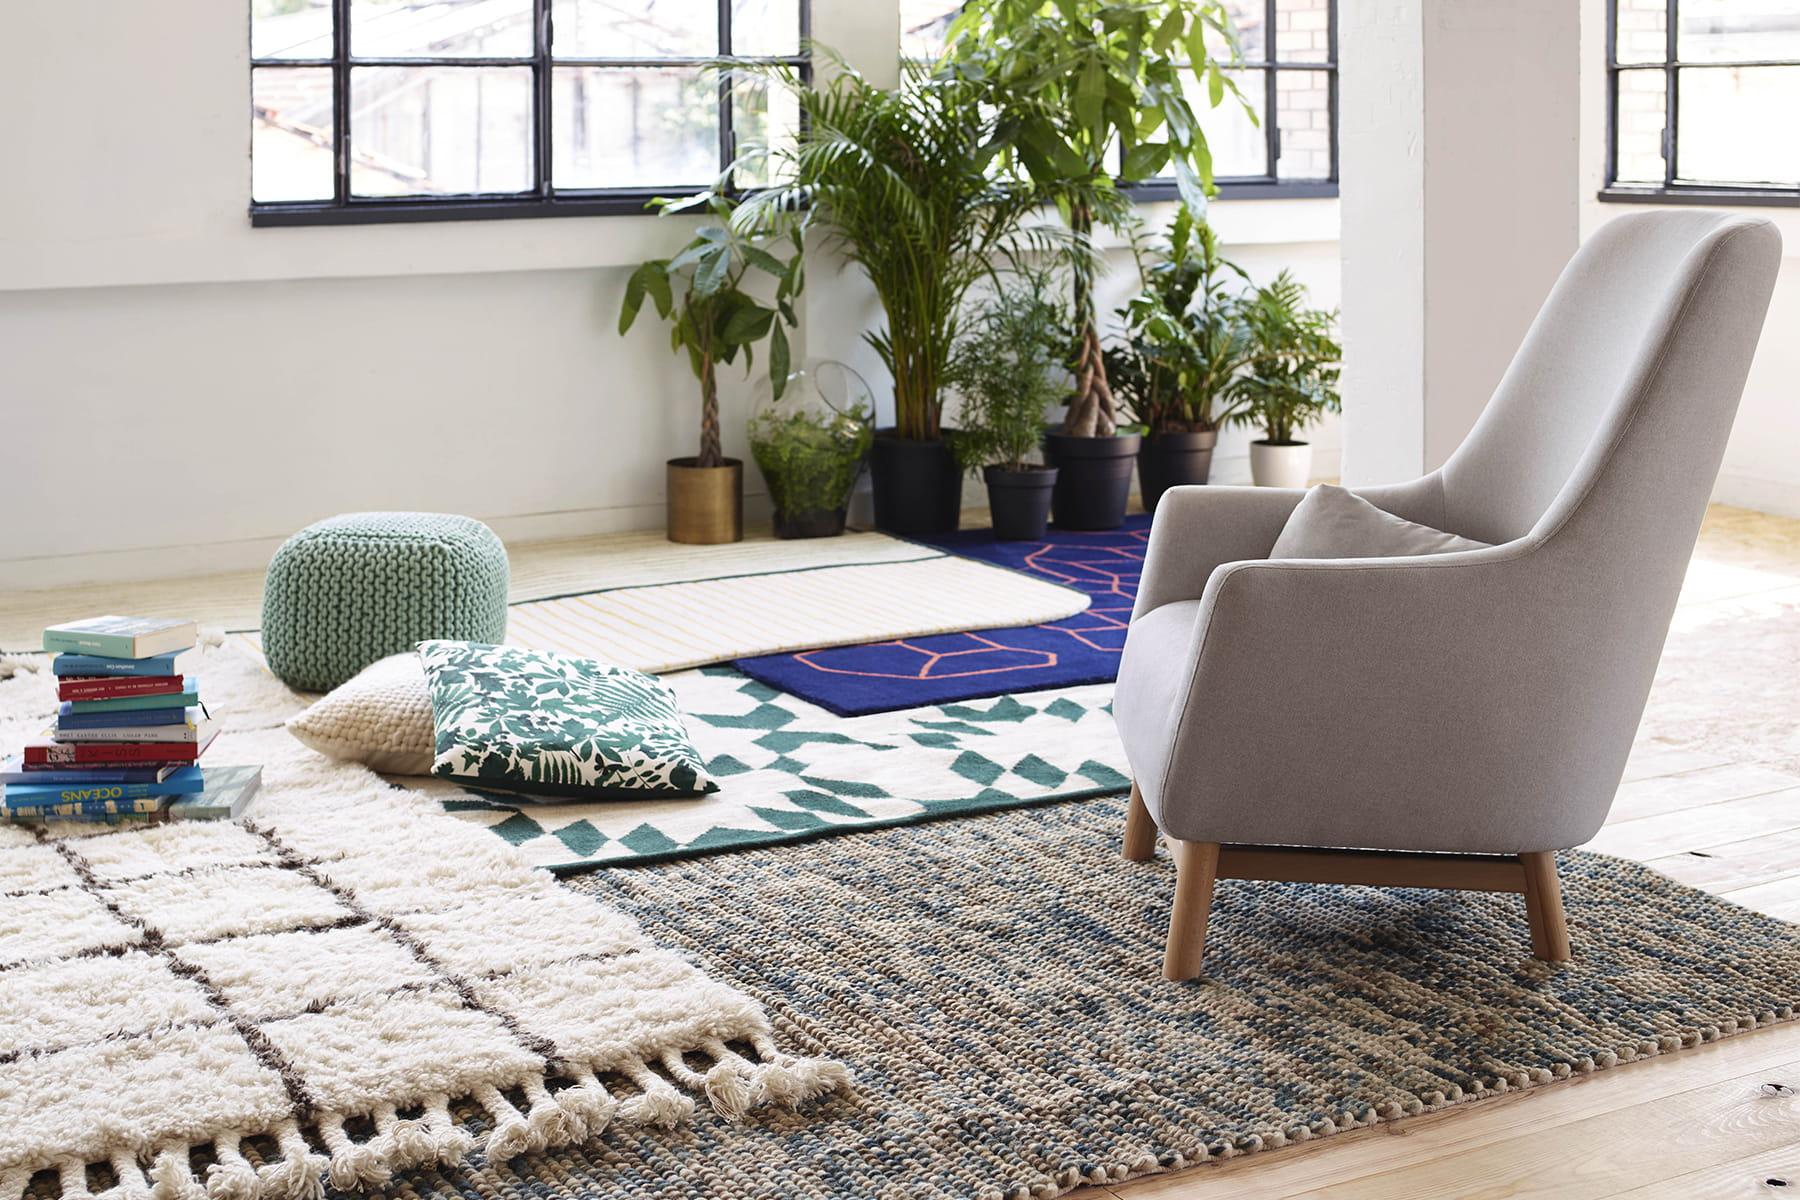 un fauteuil d 39 int rieur design beaux et confortables ces fauteuils n 39 attendent que vous. Black Bedroom Furniture Sets. Home Design Ideas